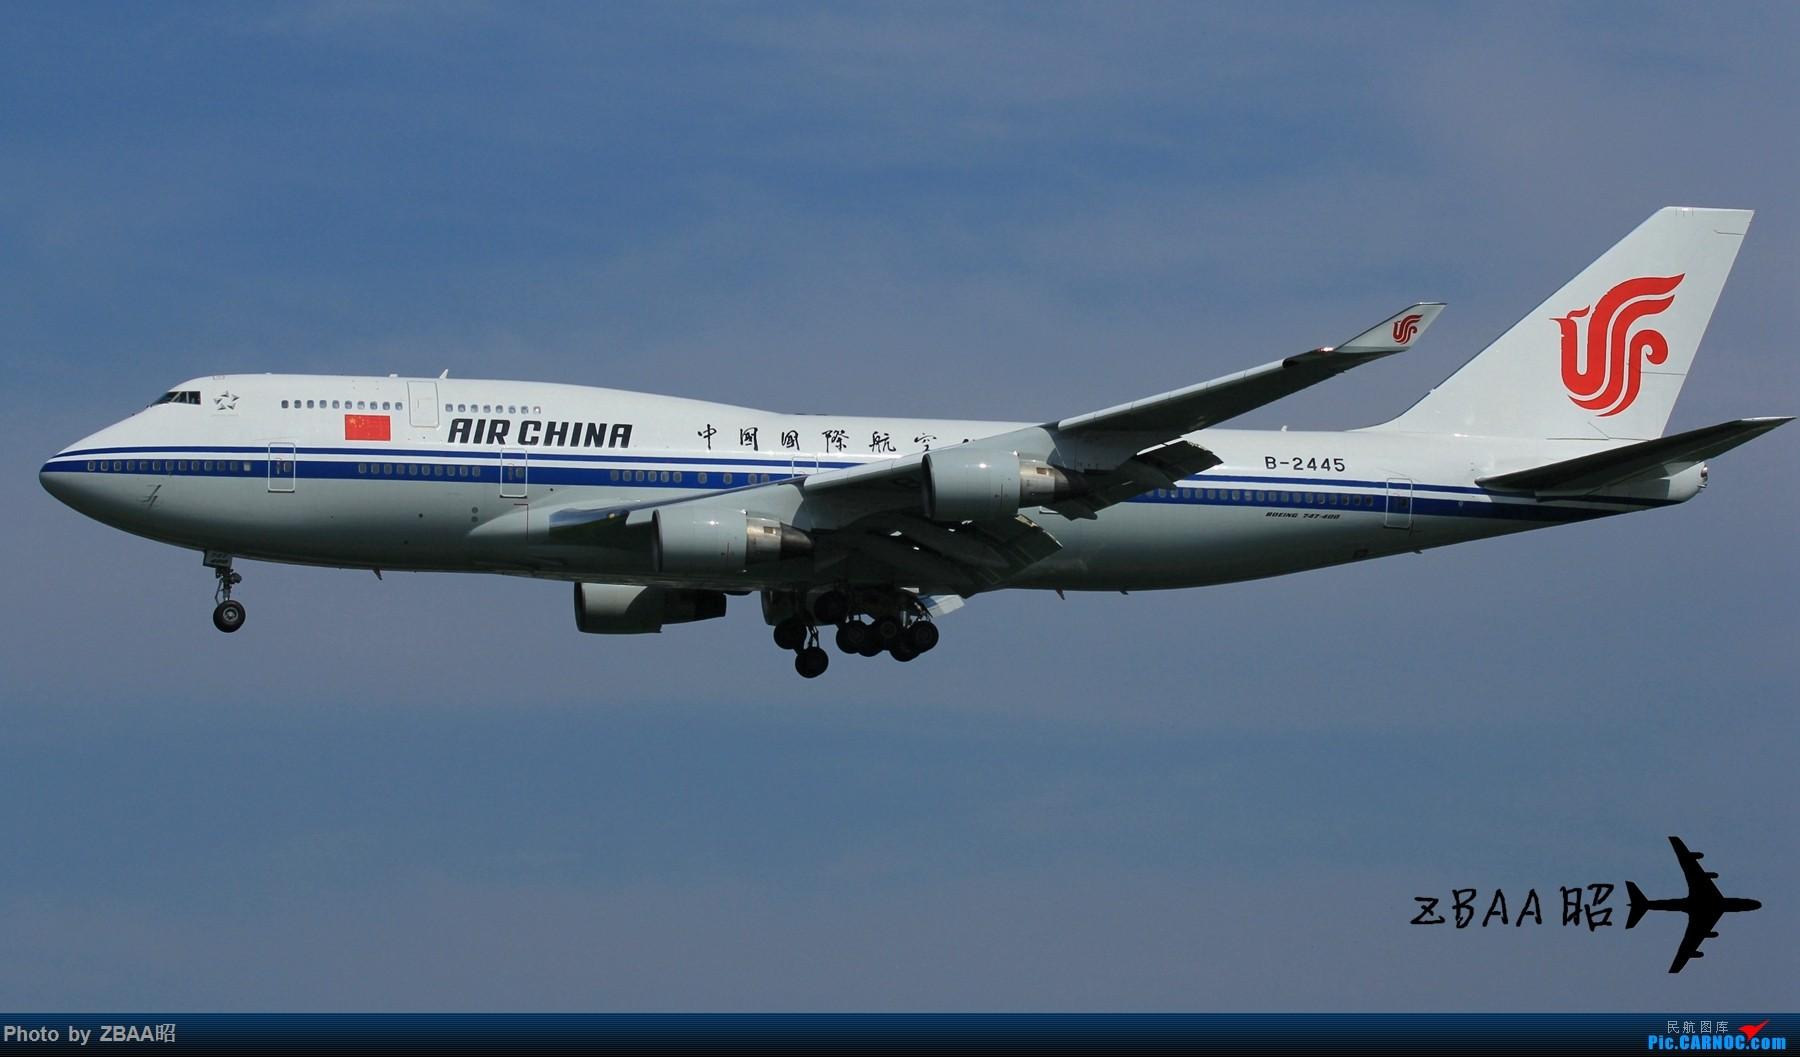 Re:[原创]国航744 且拍且珍惜 B-2445早上送她走下午接她回 BOEING 747-400 B-2445 中国北京首都国际机场